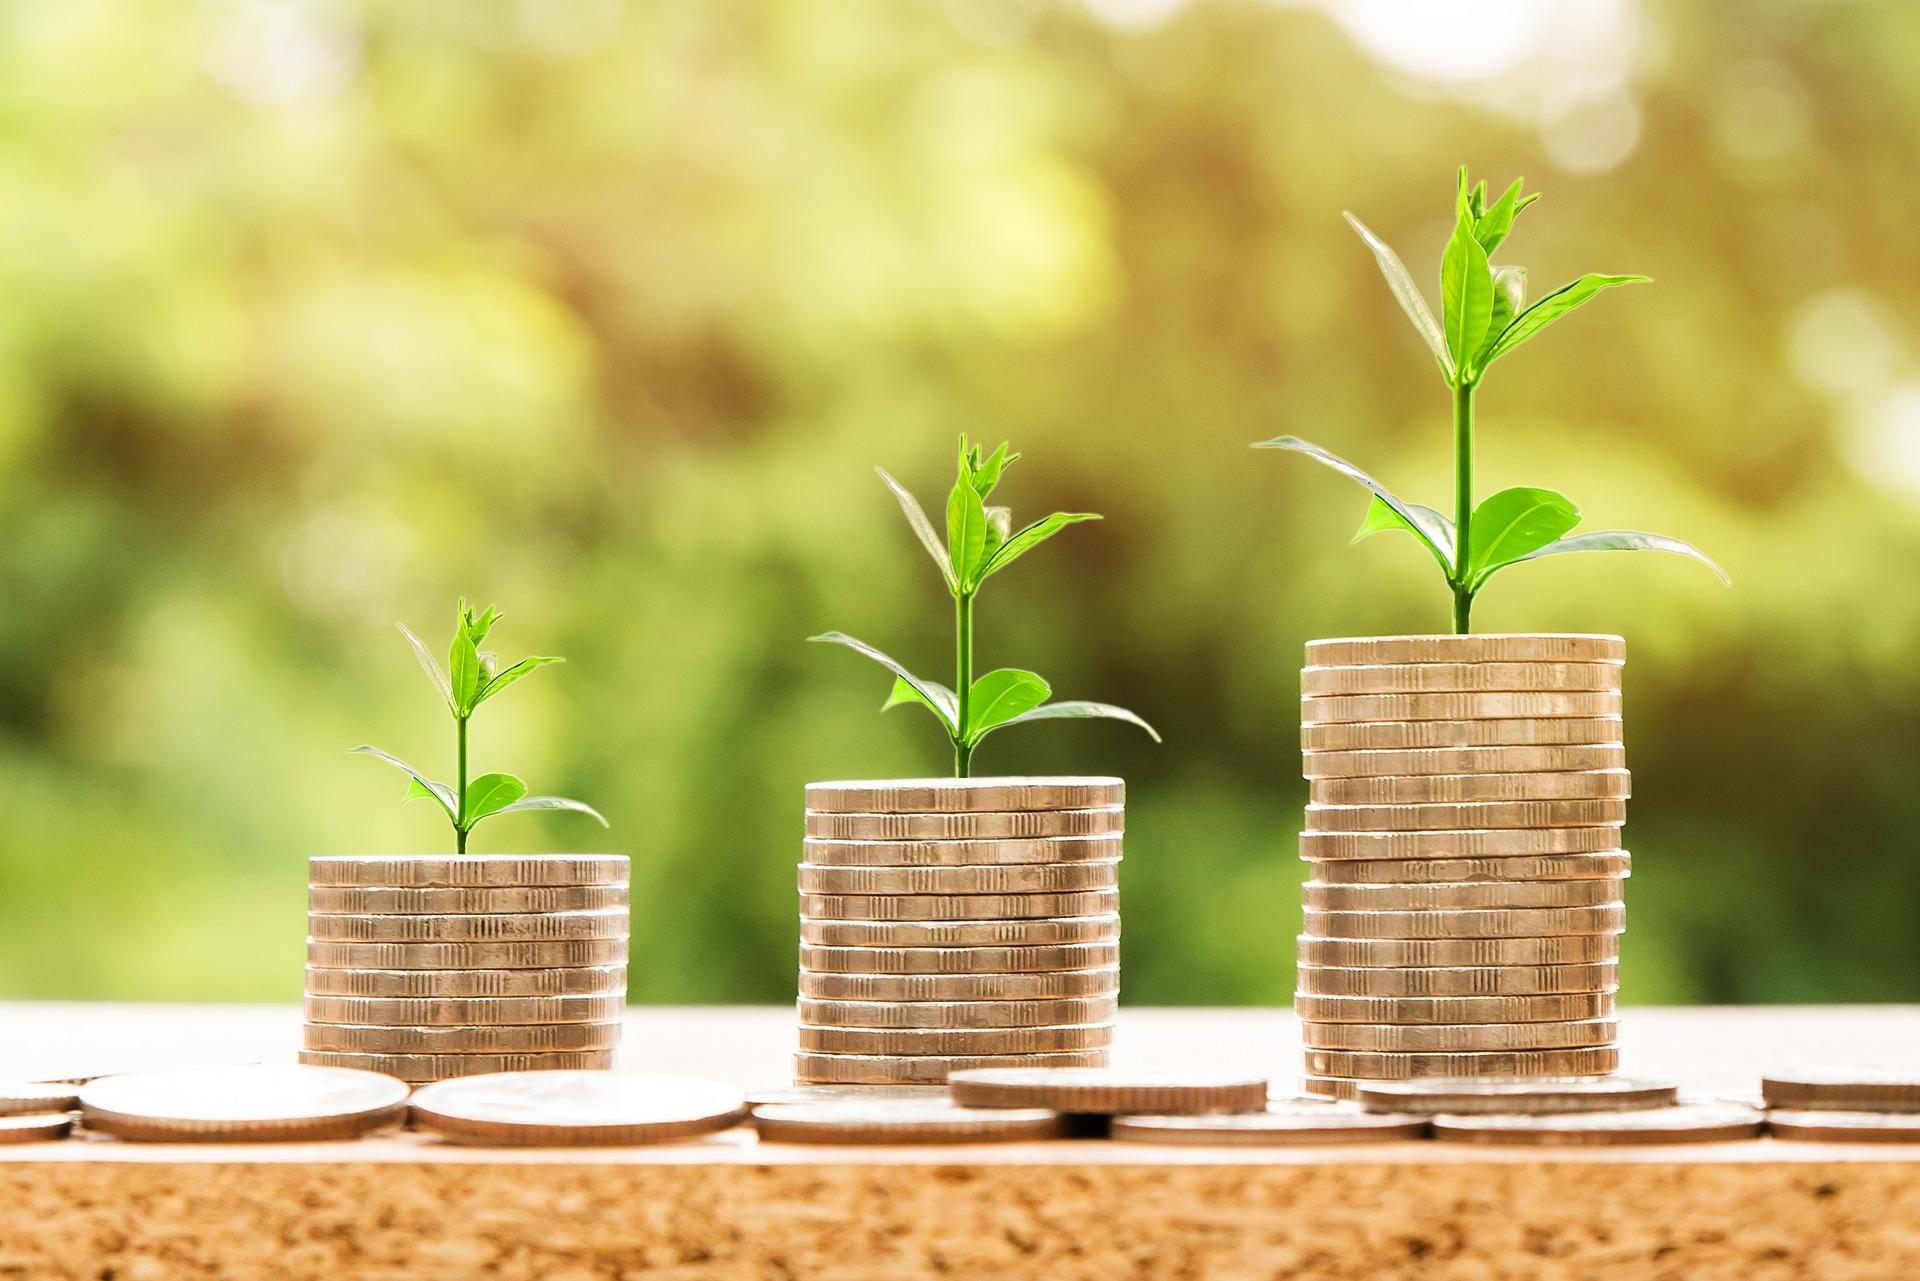 Aus Geldstapeln wachsen Pflänzchen hervor.